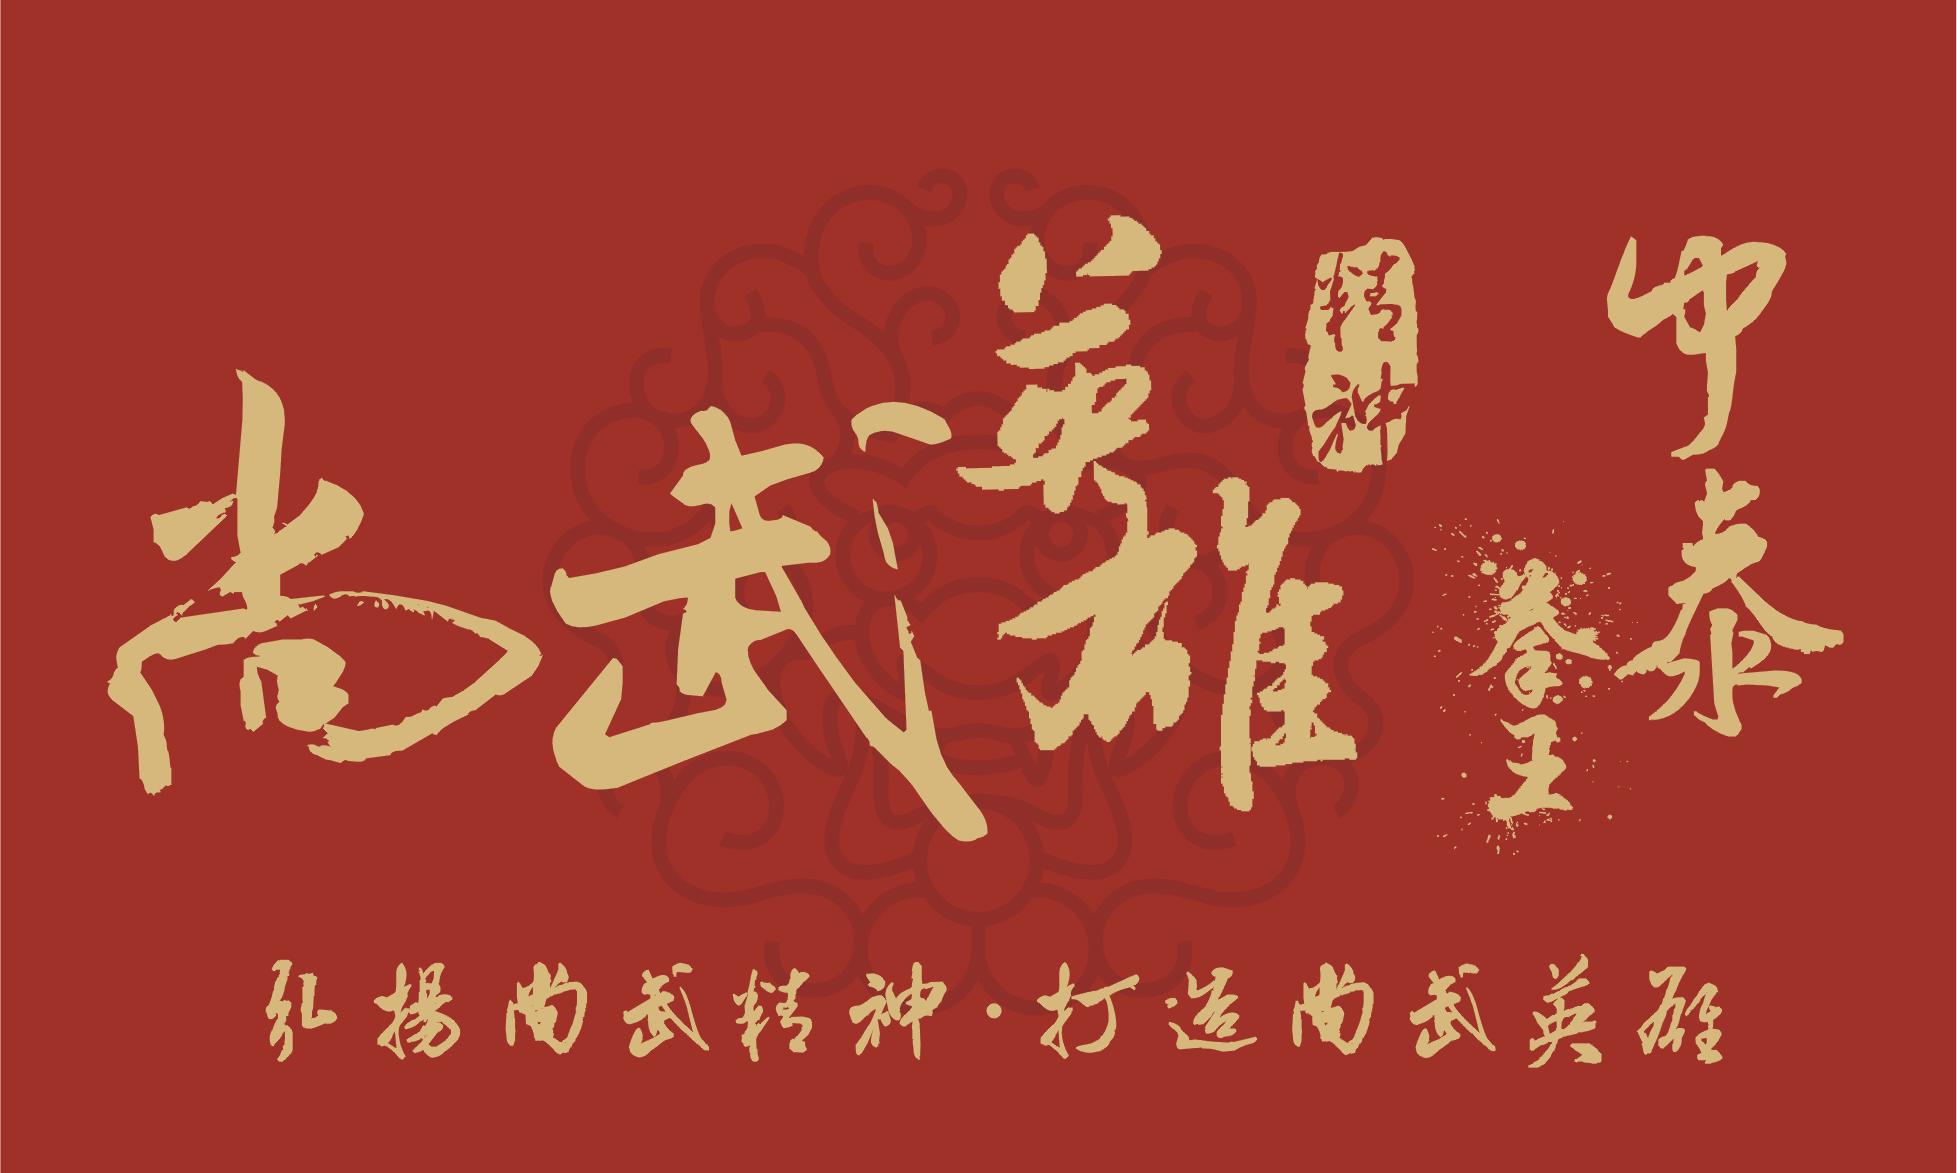 广州站赛事中方出战运动员